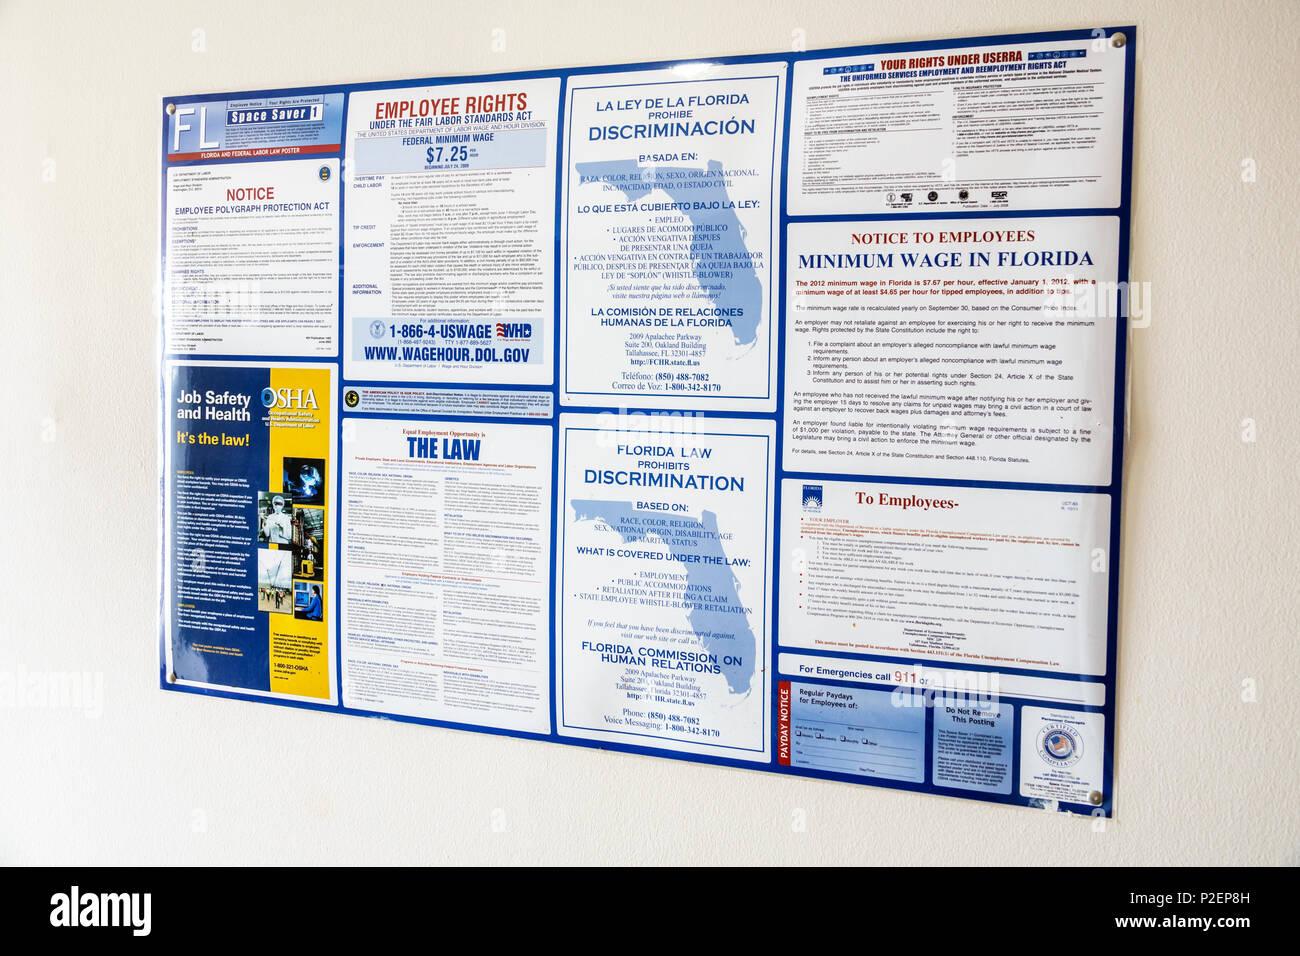 Florida Miami poster firmare i diritti dei lavoratori Discriminazione Inglese Spagnolo salario minimo informazioni Immagini Stock